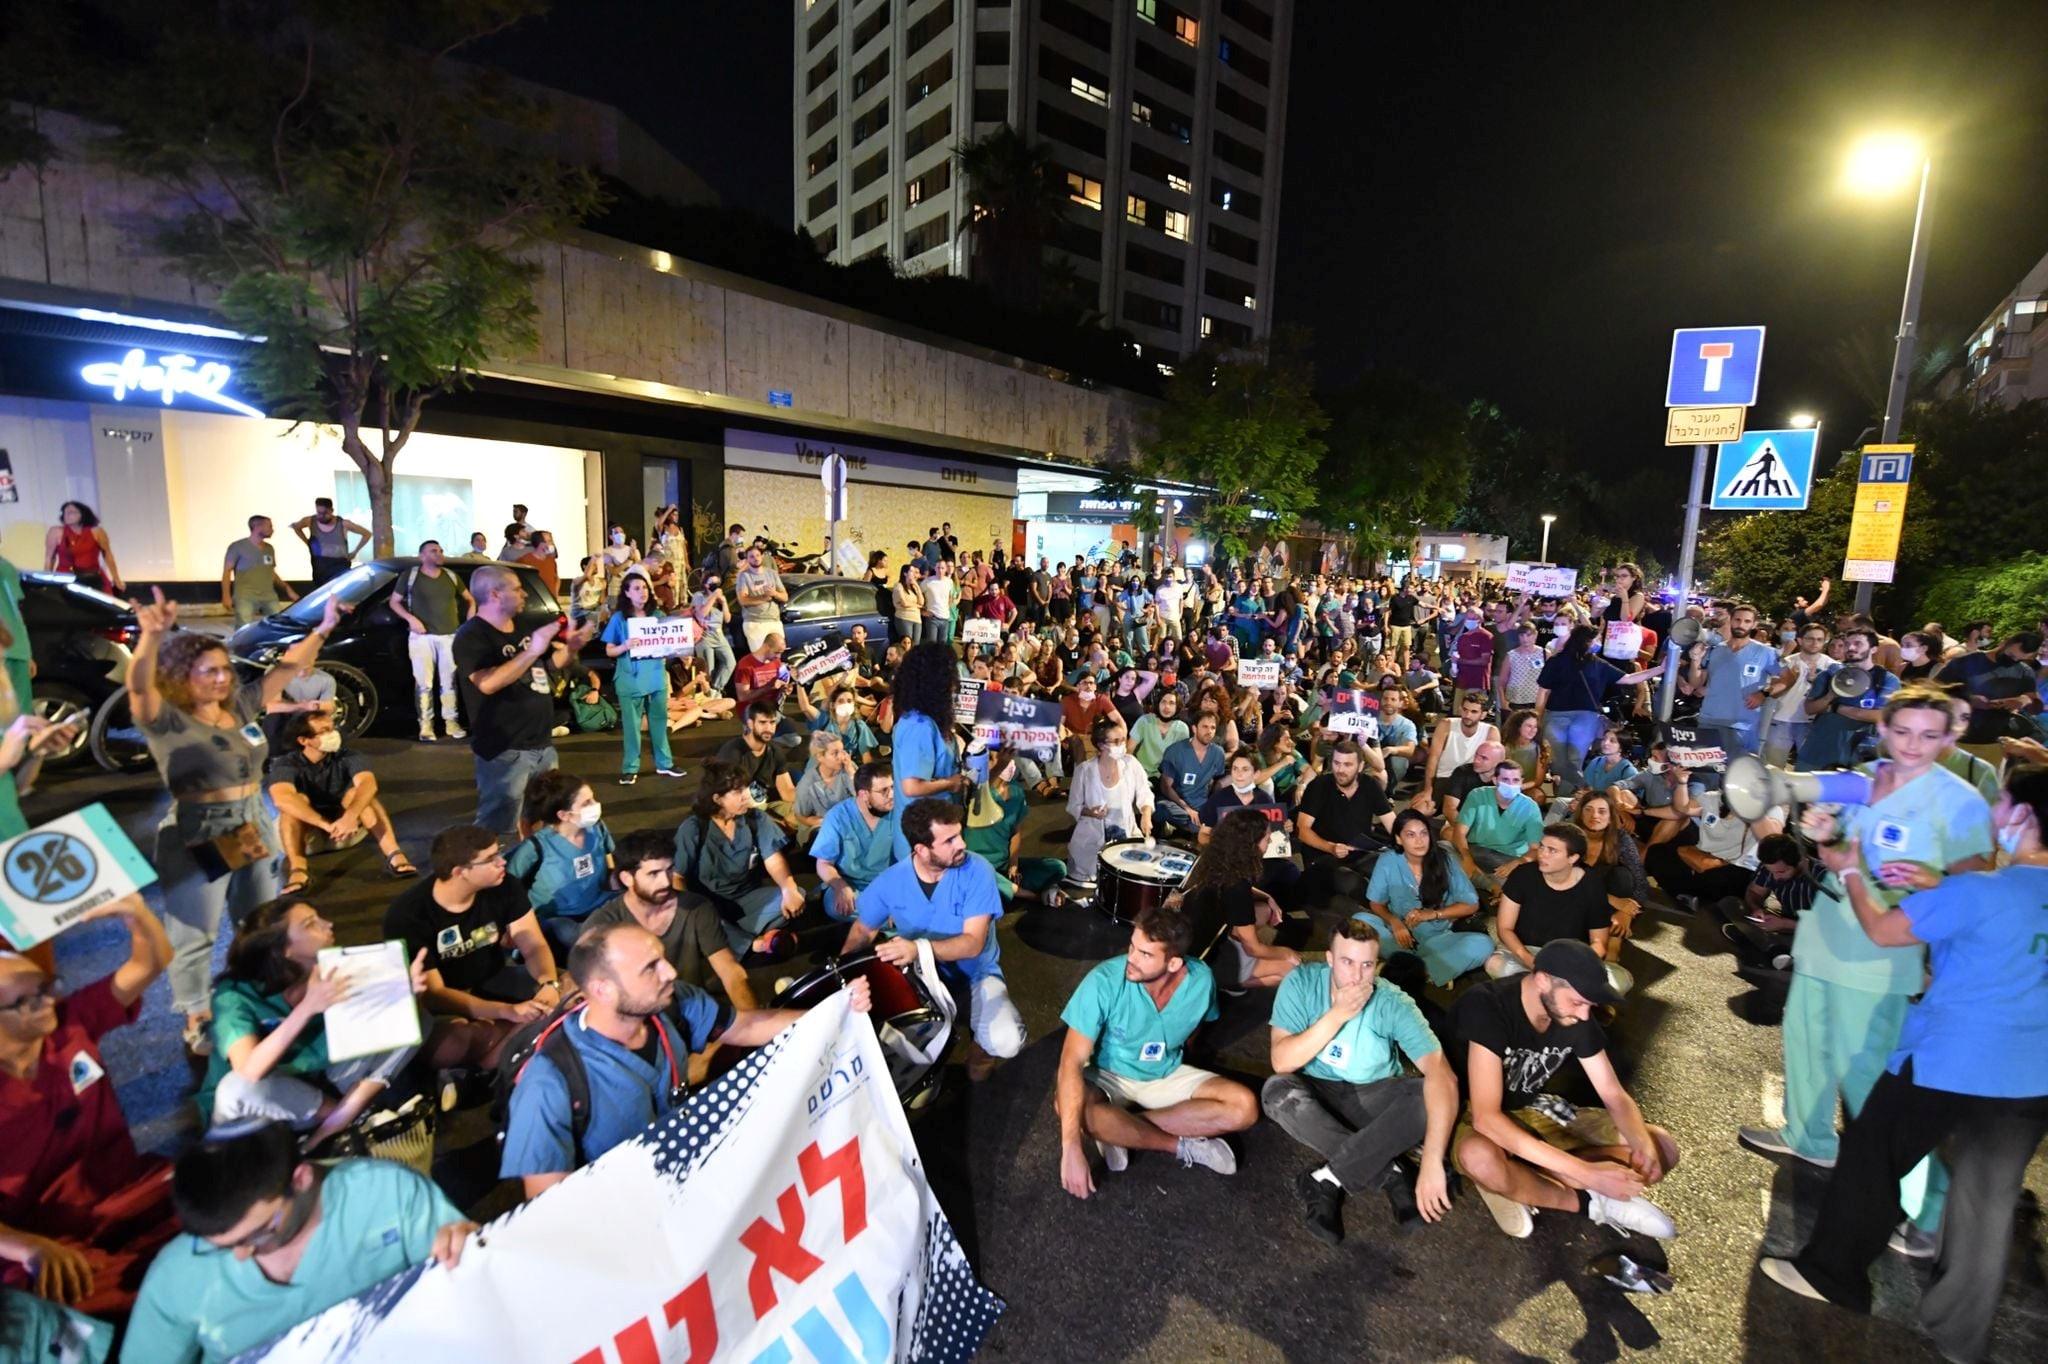 """יפגינו במרכז ת""""א: שביתת הזדהות של הסטודנטים לרפואה ברחבי הארץ עם מאבק המתמחים"""